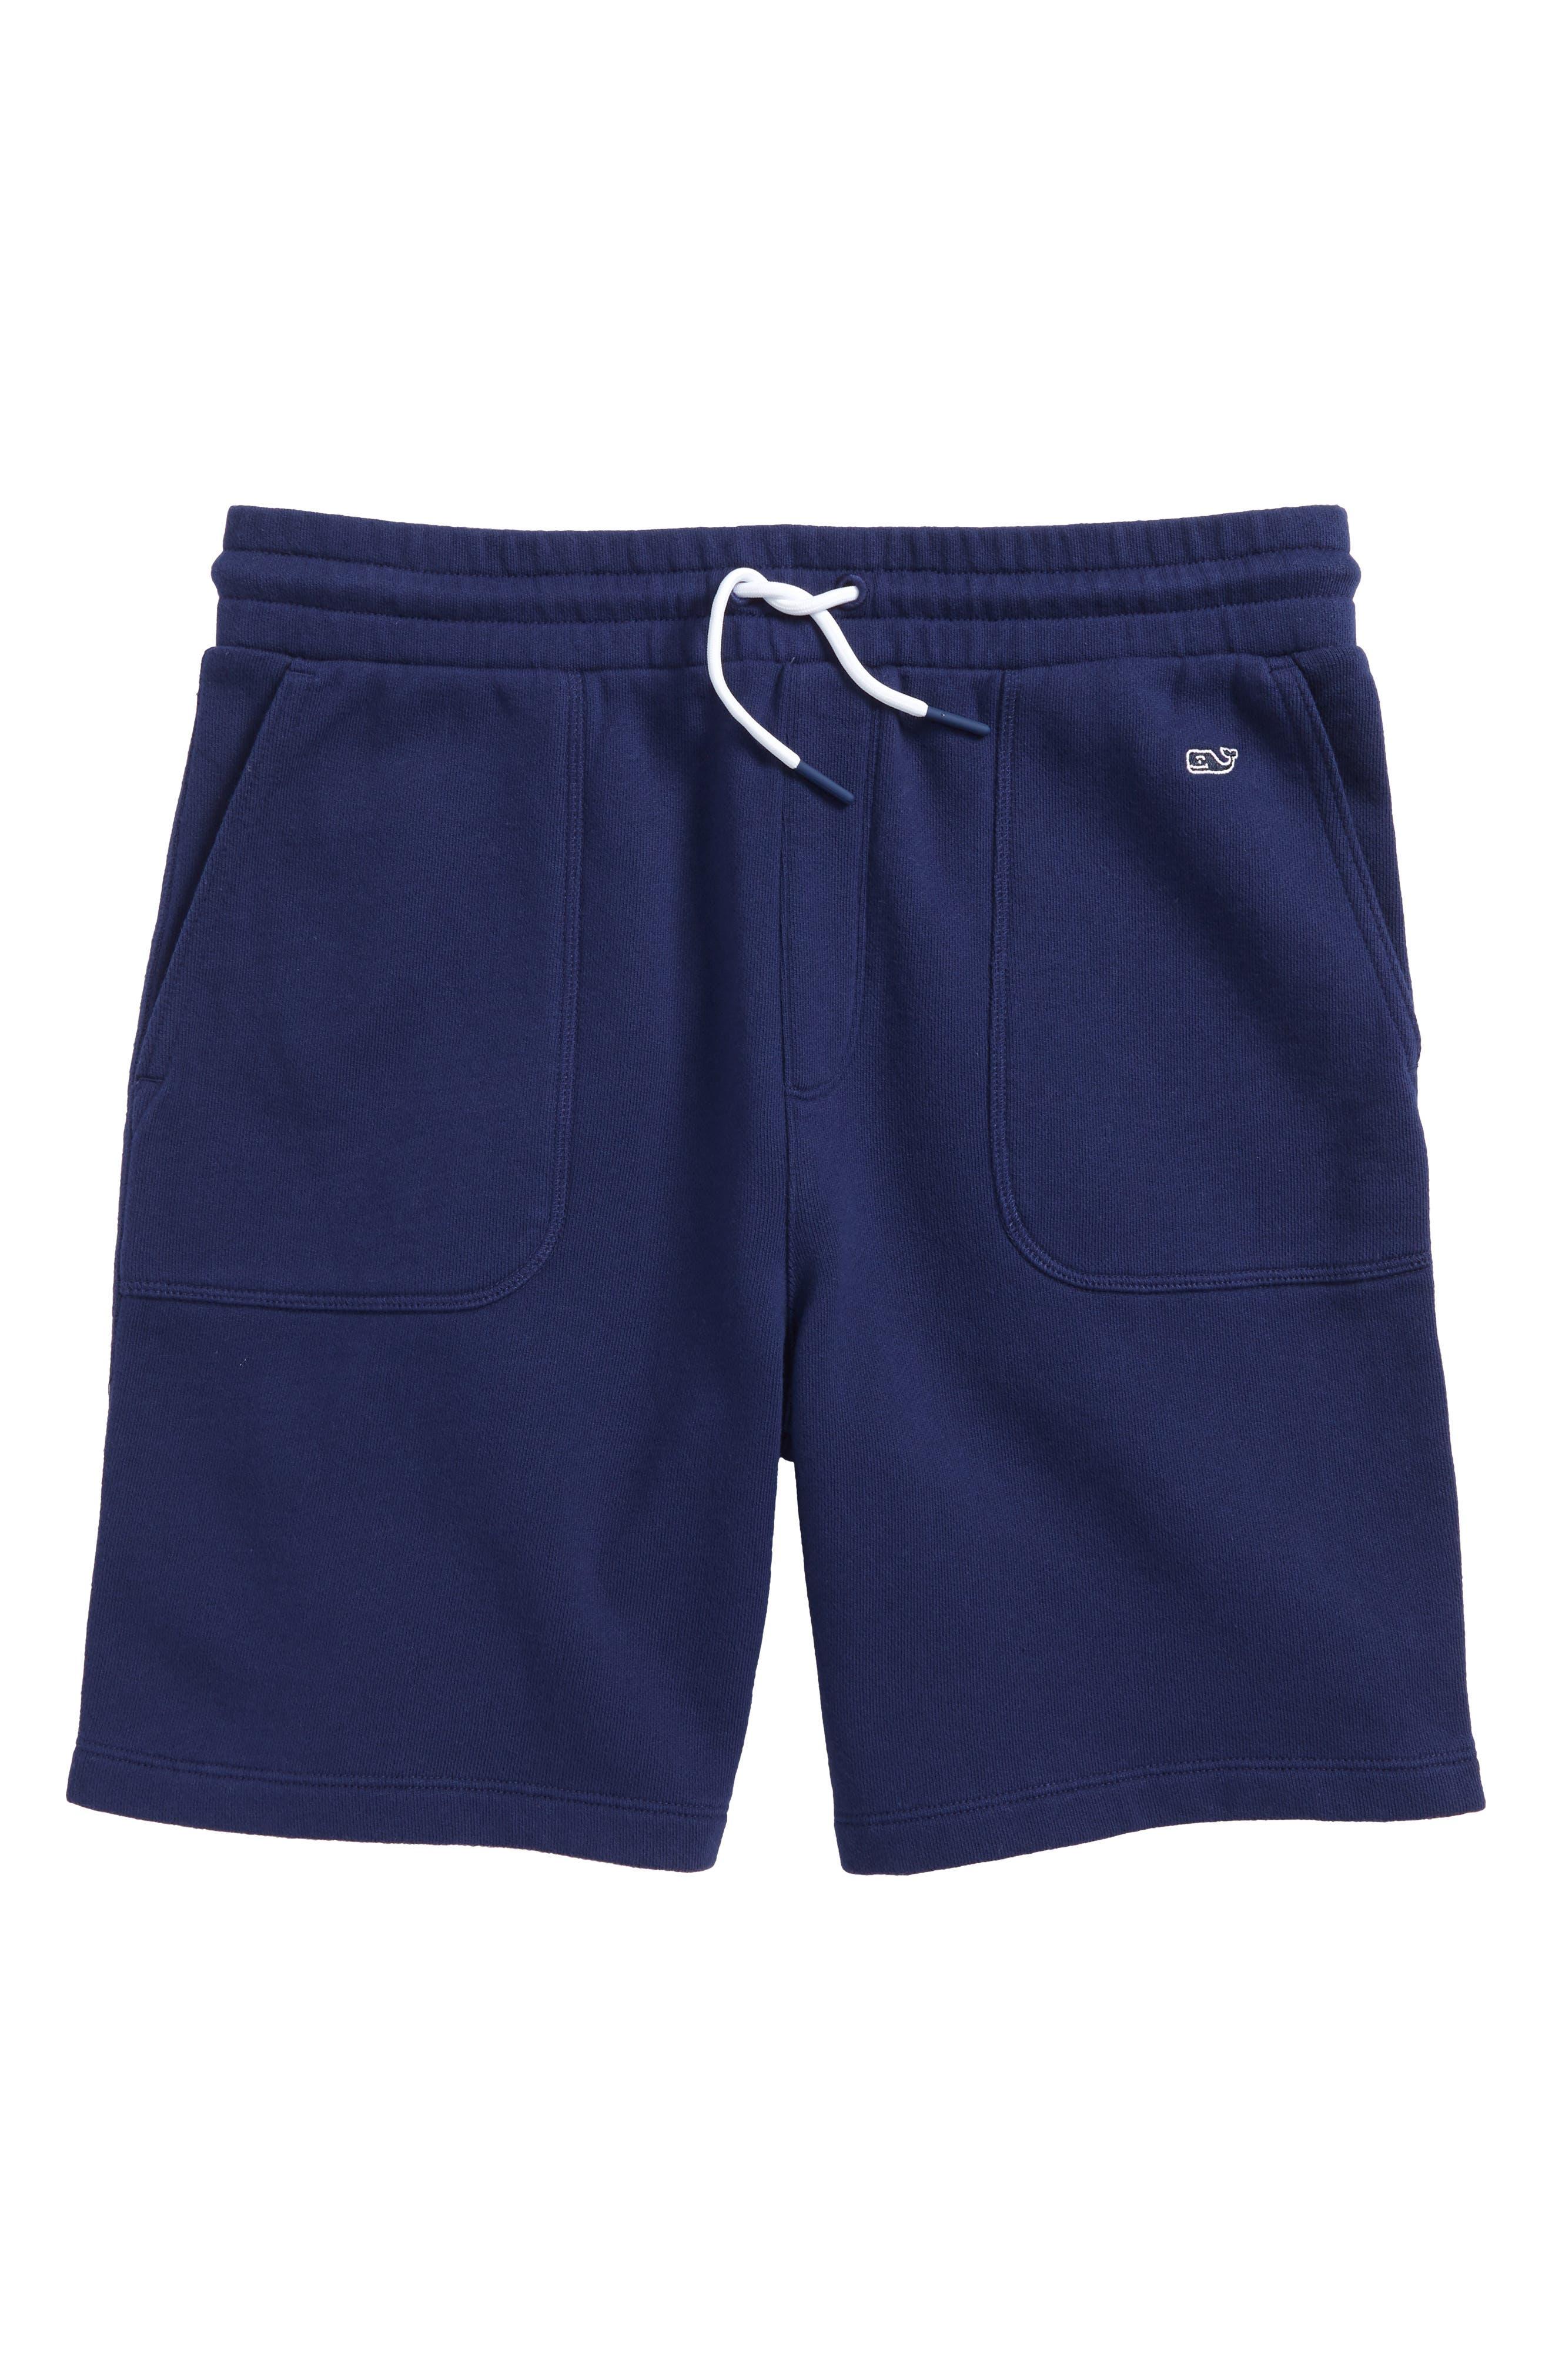 Garment Dyed Knit Shorts,                             Main thumbnail 1, color,                             Deep Bay